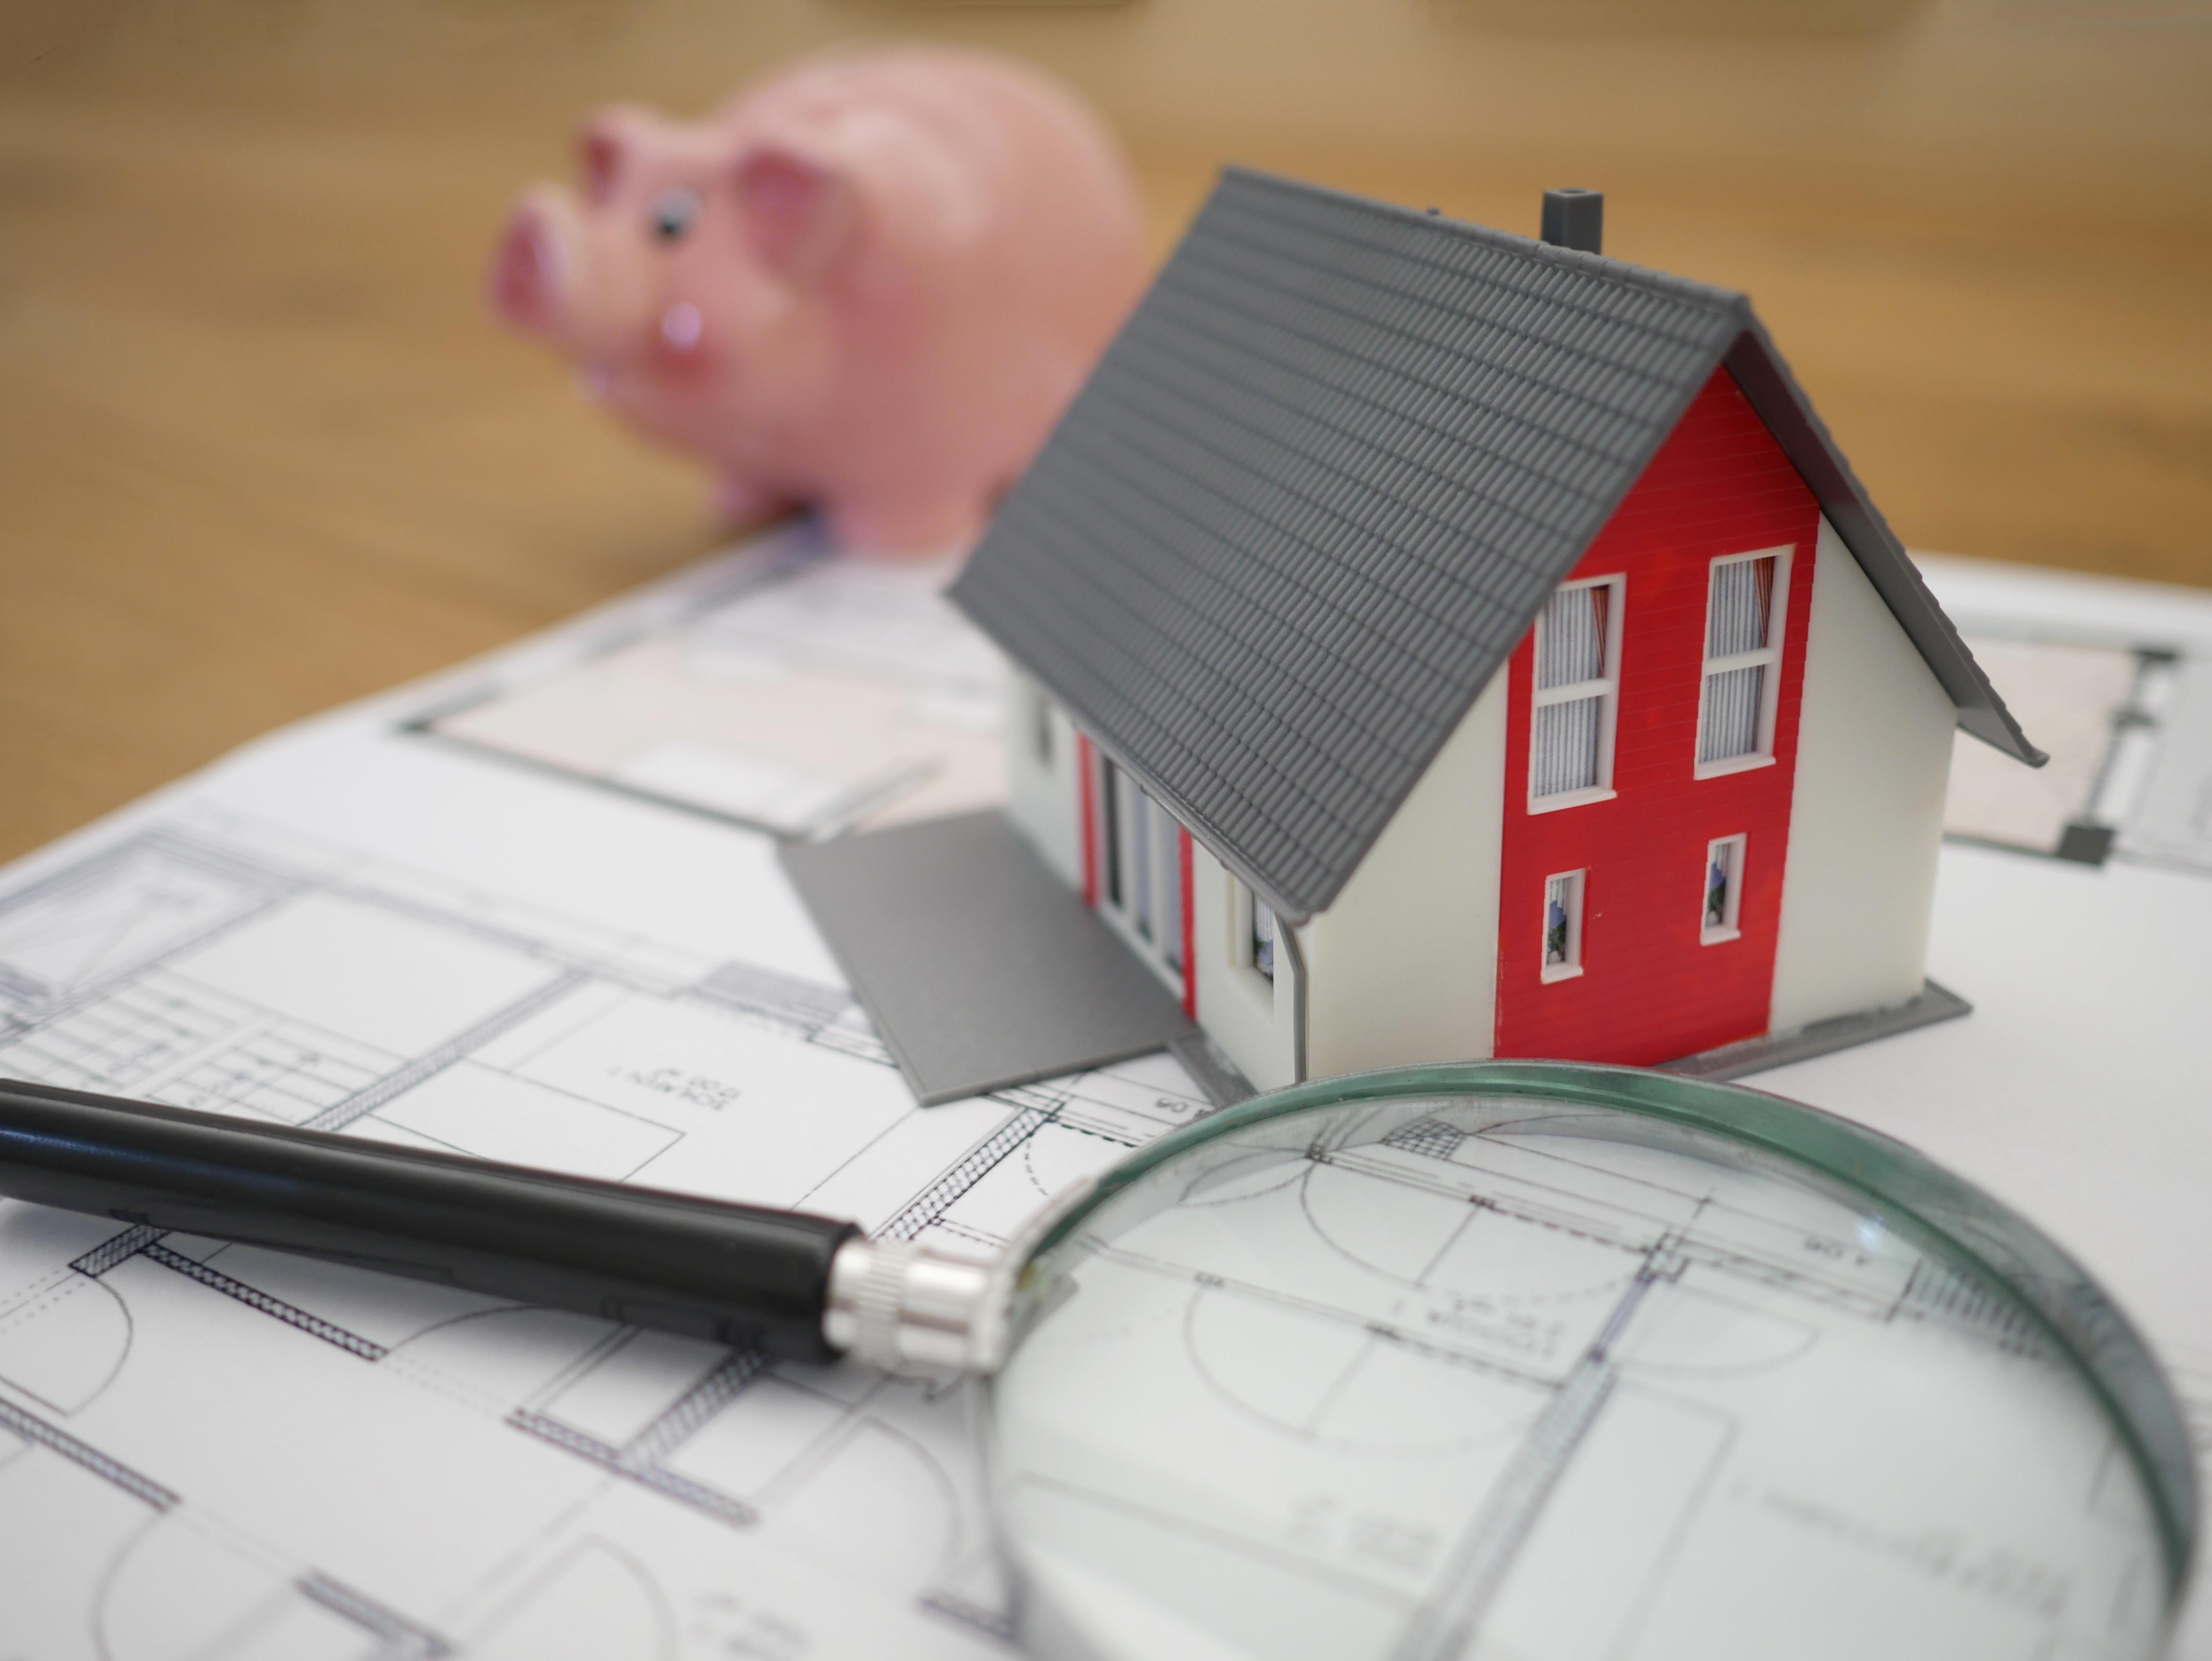 Miniatyrhus, förstoringsglas och spargris stående på planritning. Flyttfirma pris påverkas bland annat av avstånd mellan ny och gammal adress